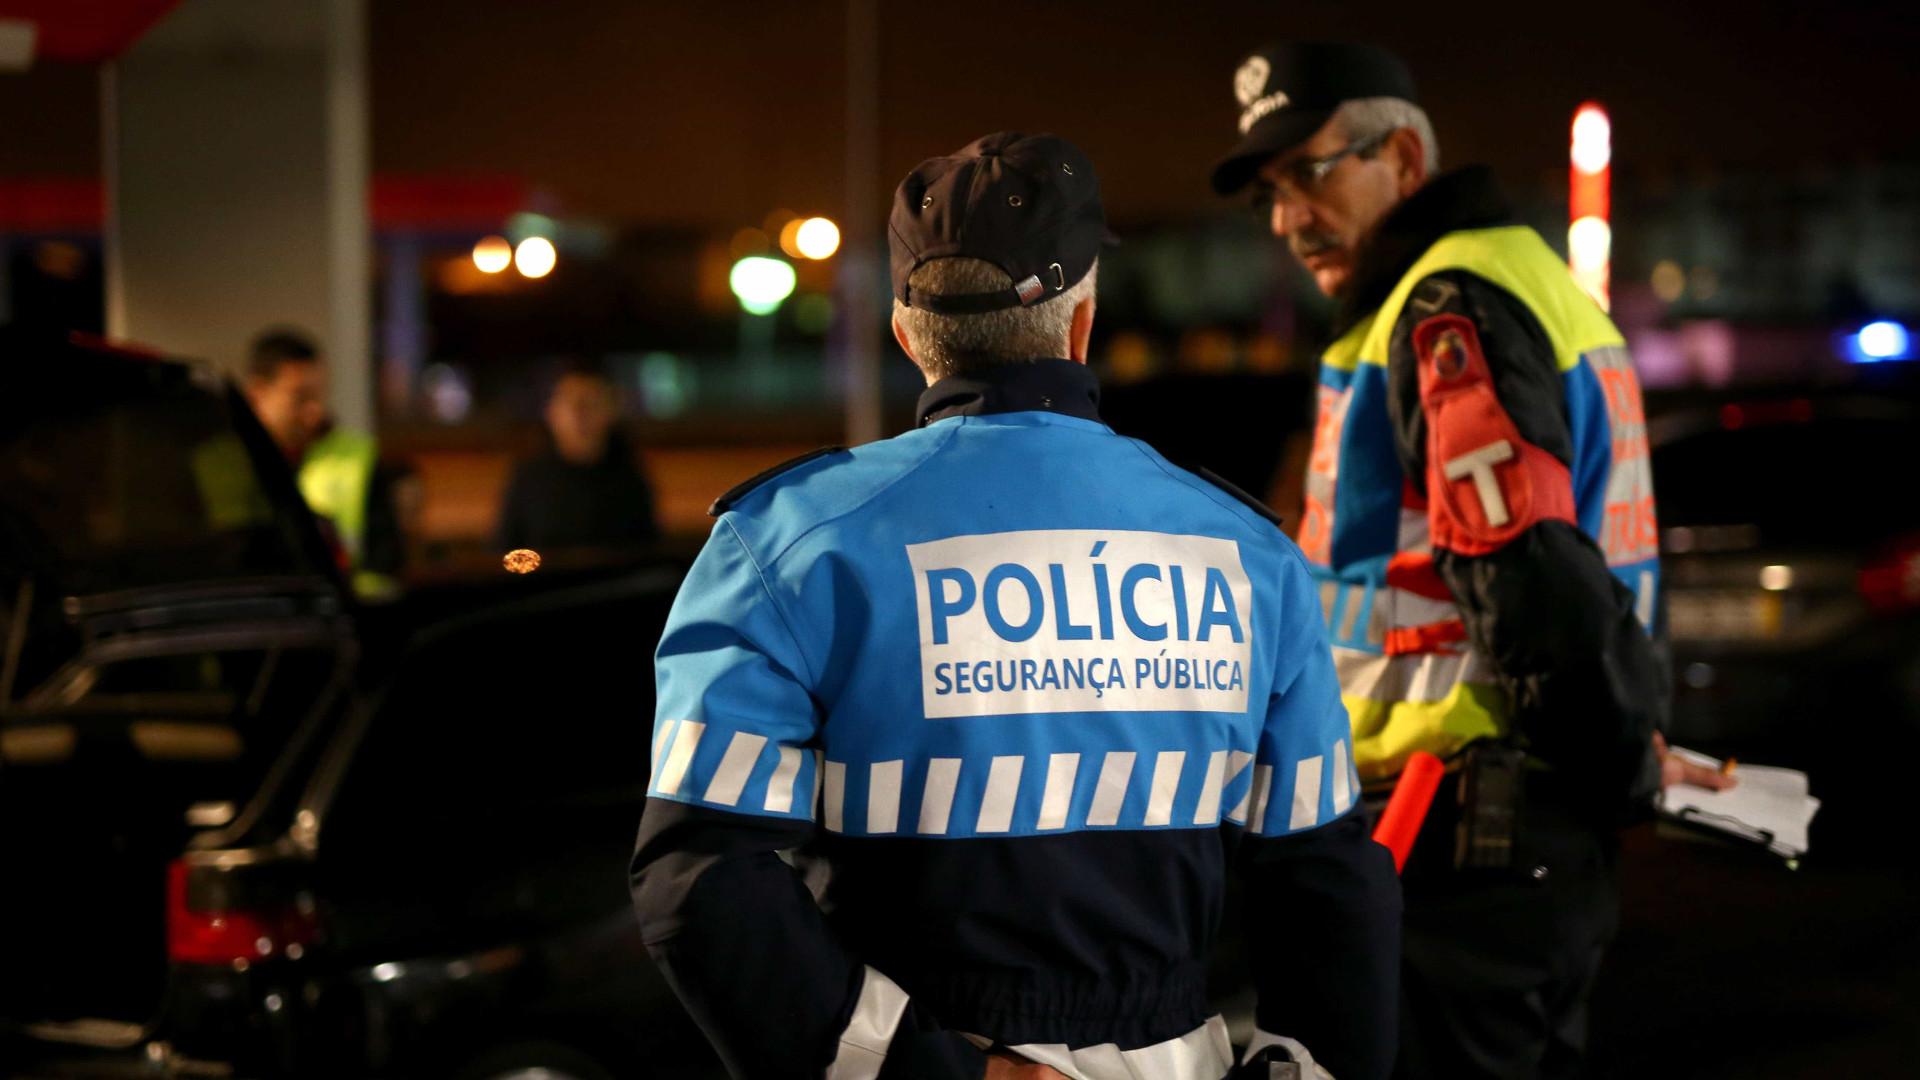 PSP deteve 44 pessoas em 24 horas, quase metade por condução com álcool